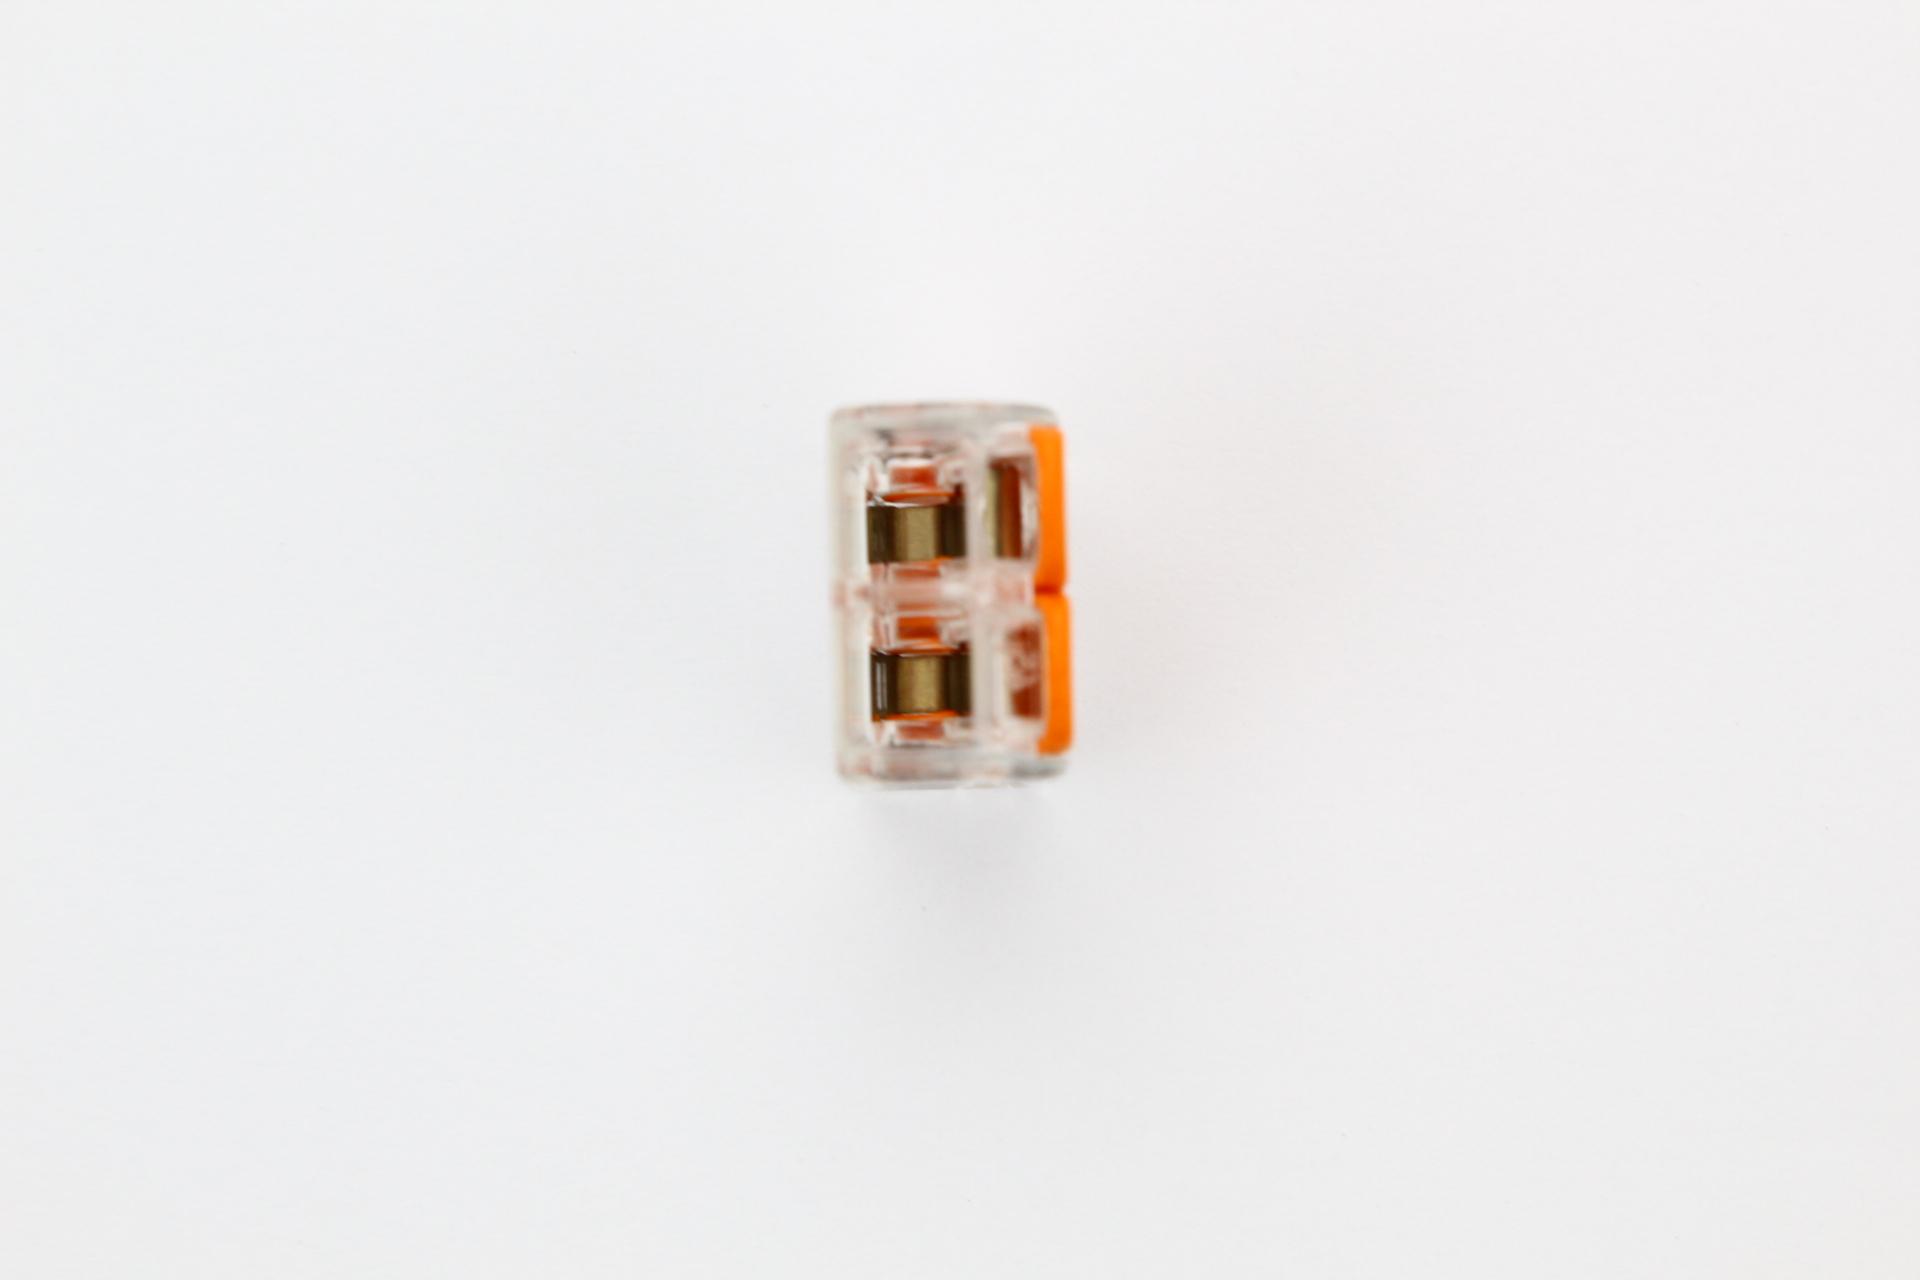 livraison gratuite connecteur wago levier 2x. Black Bedroom Furniture Sets. Home Design Ideas